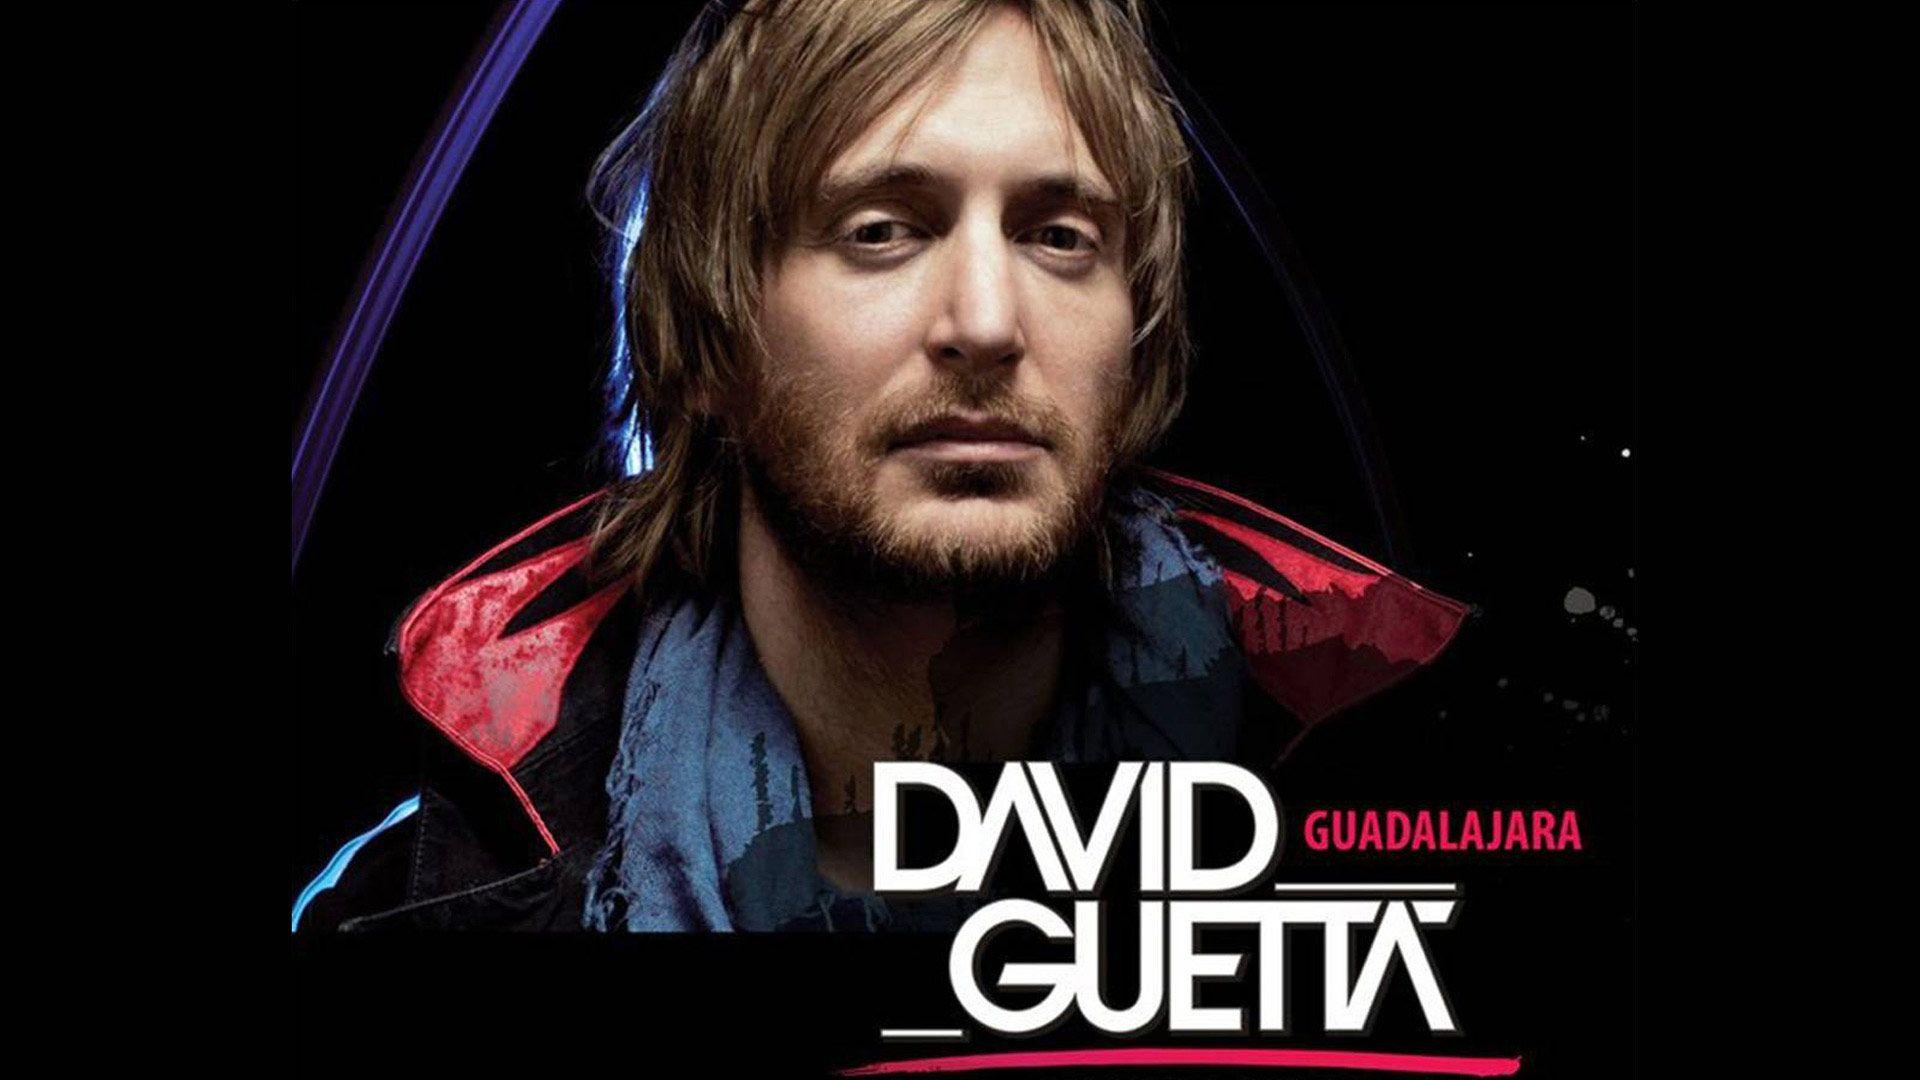 http://sizzlinghdwallpaper.com/david-guetta-hd-wallpaper ...